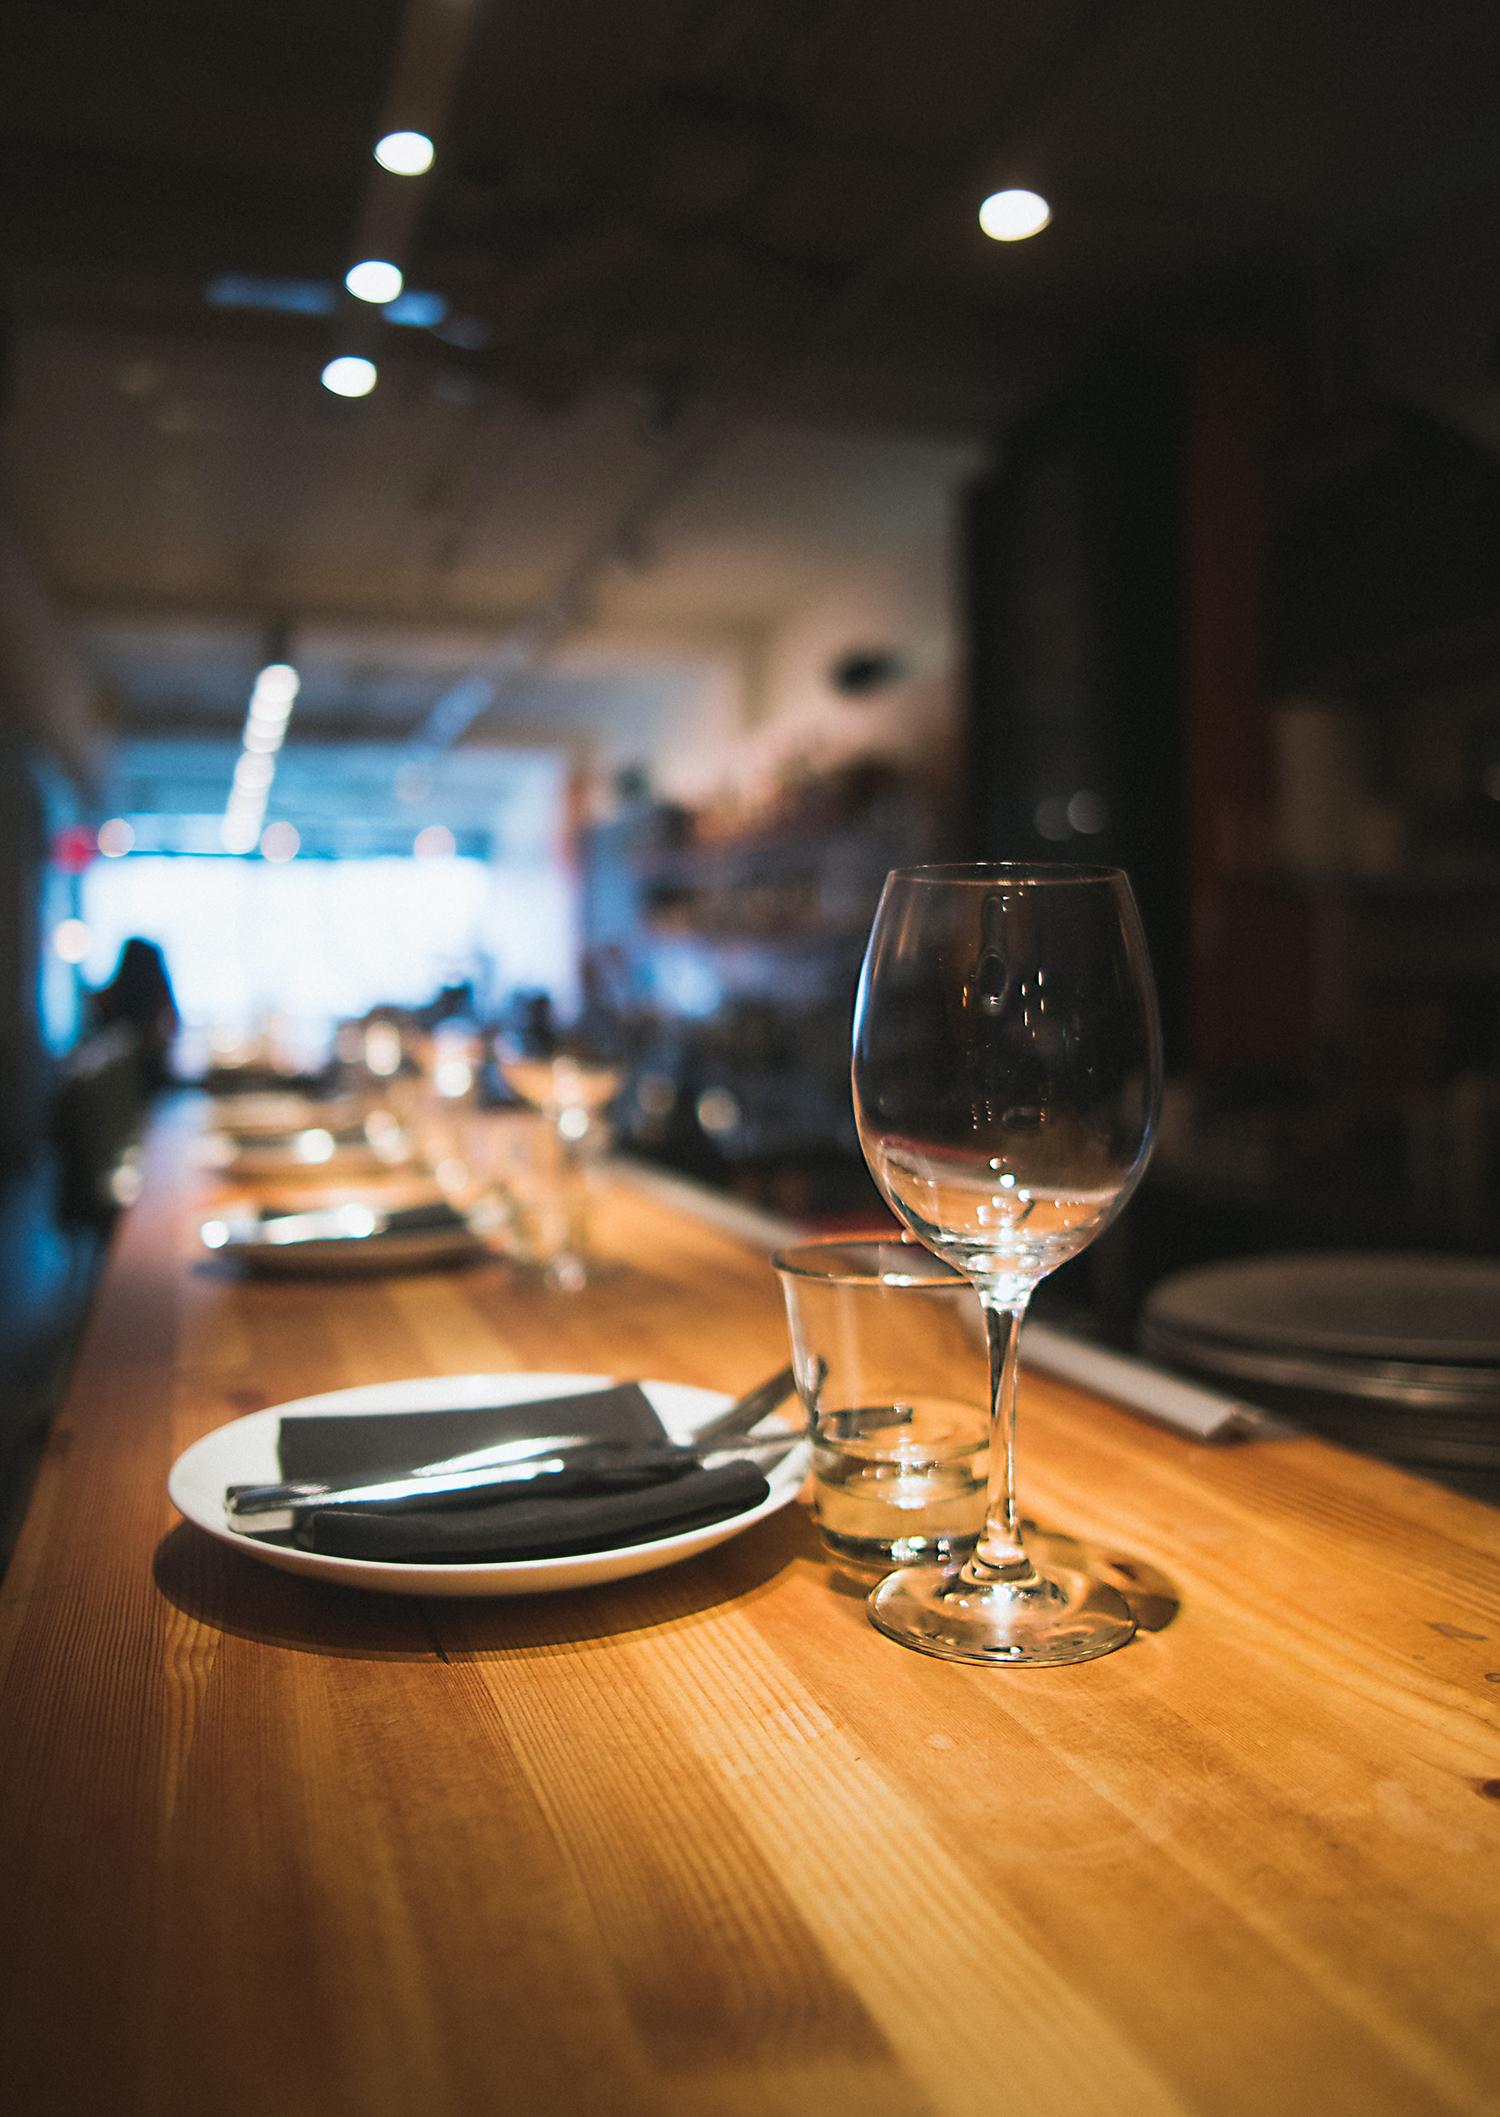 Calgary-food-photography-calgaryphotographer-4.jpg